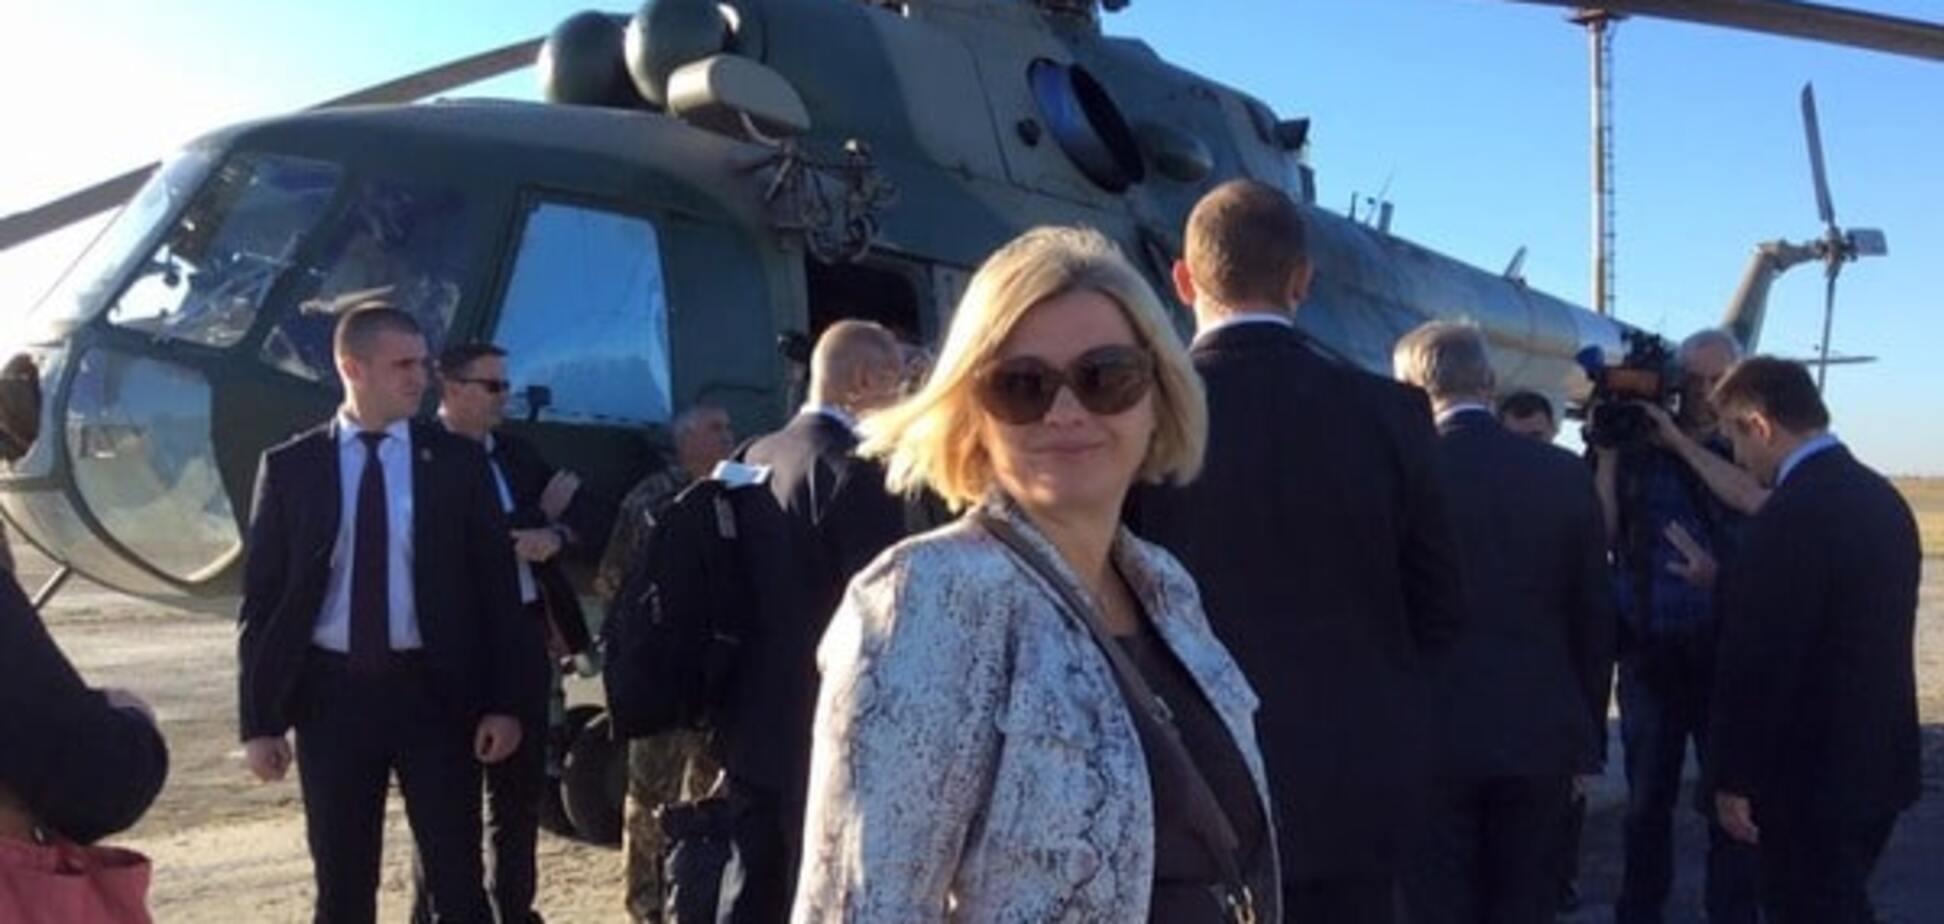 Отдали 'ЛДНР' предателей: Геращенко рассказала подробности обмена Жемчугова и Супруна